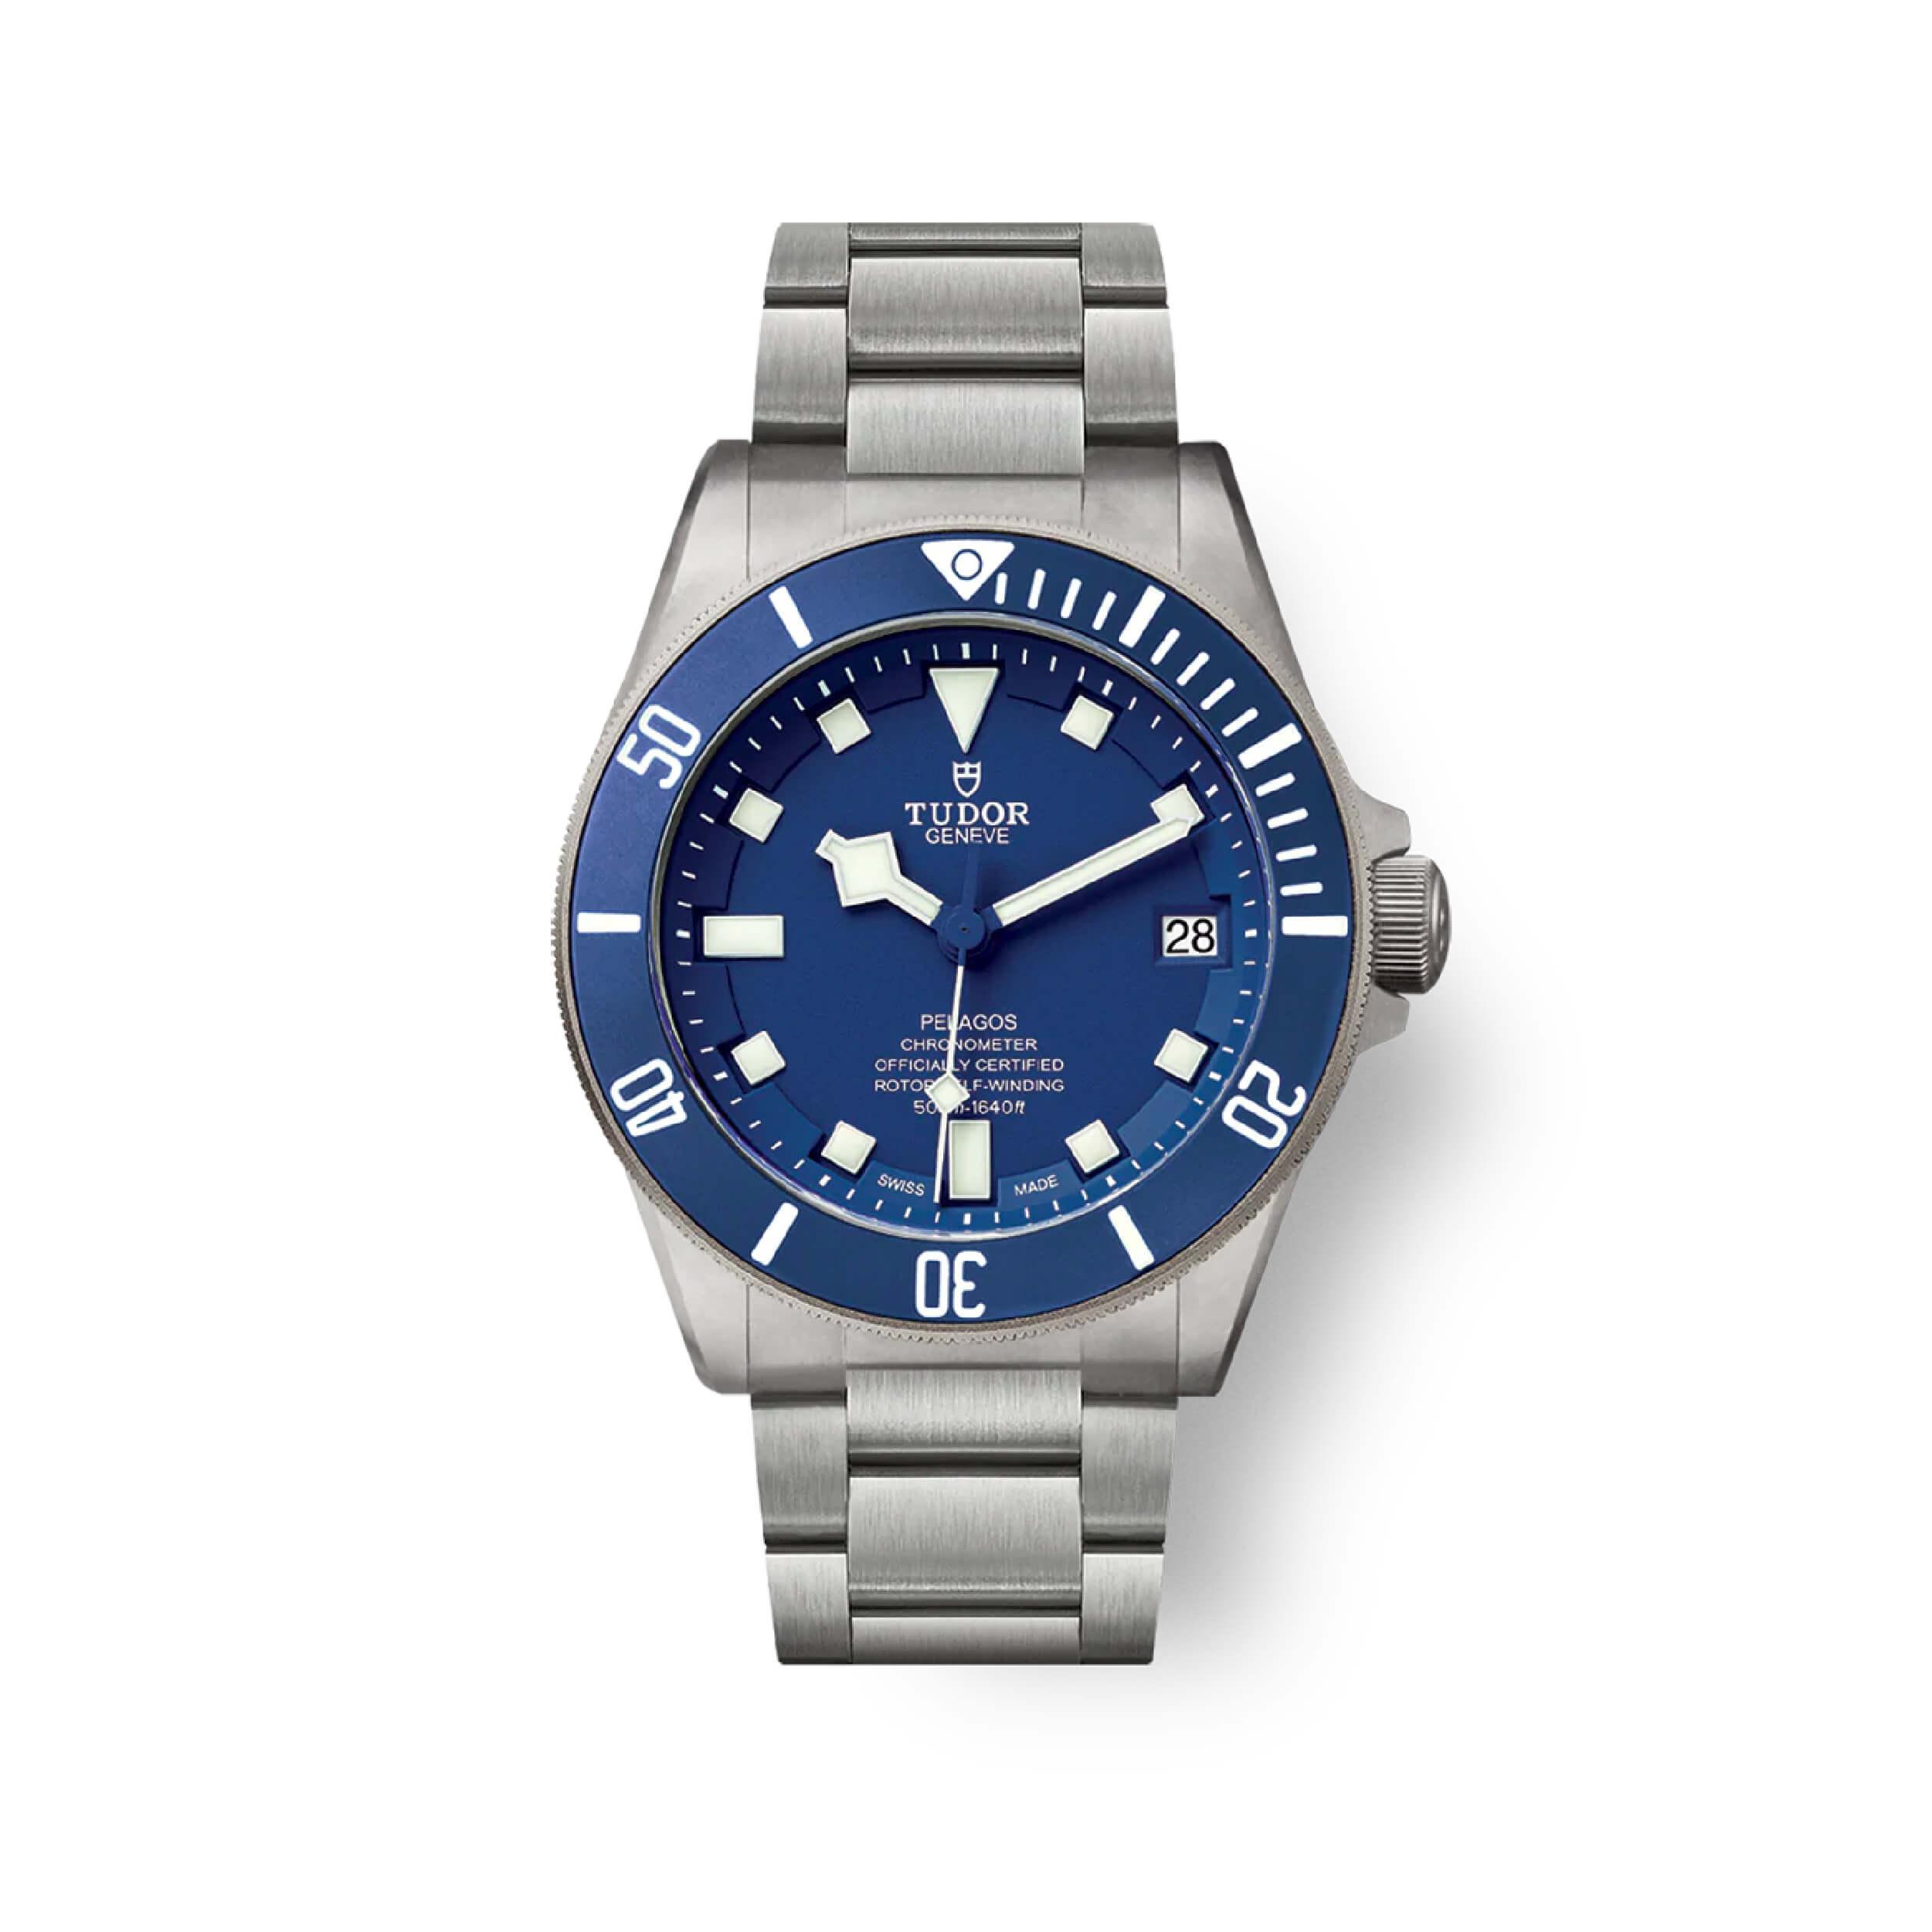 Tudor Pelagos | Wristwatches360